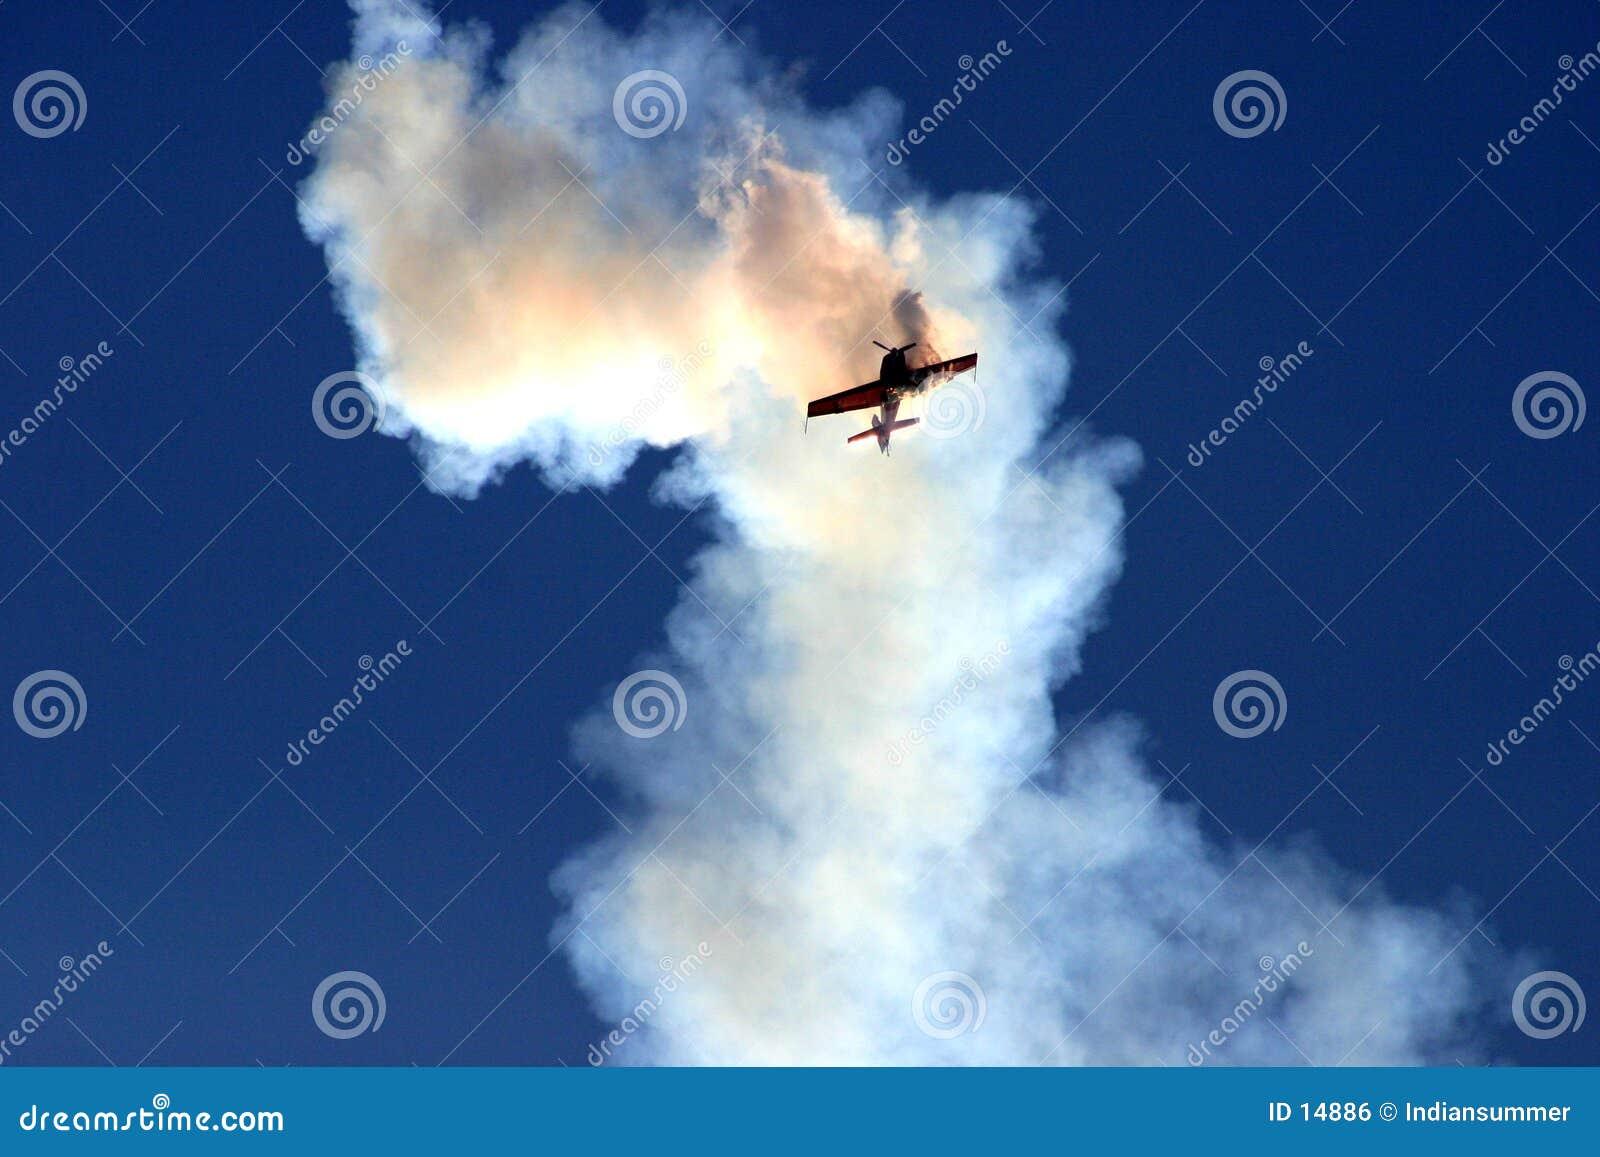 Aereo nella nube di fumo